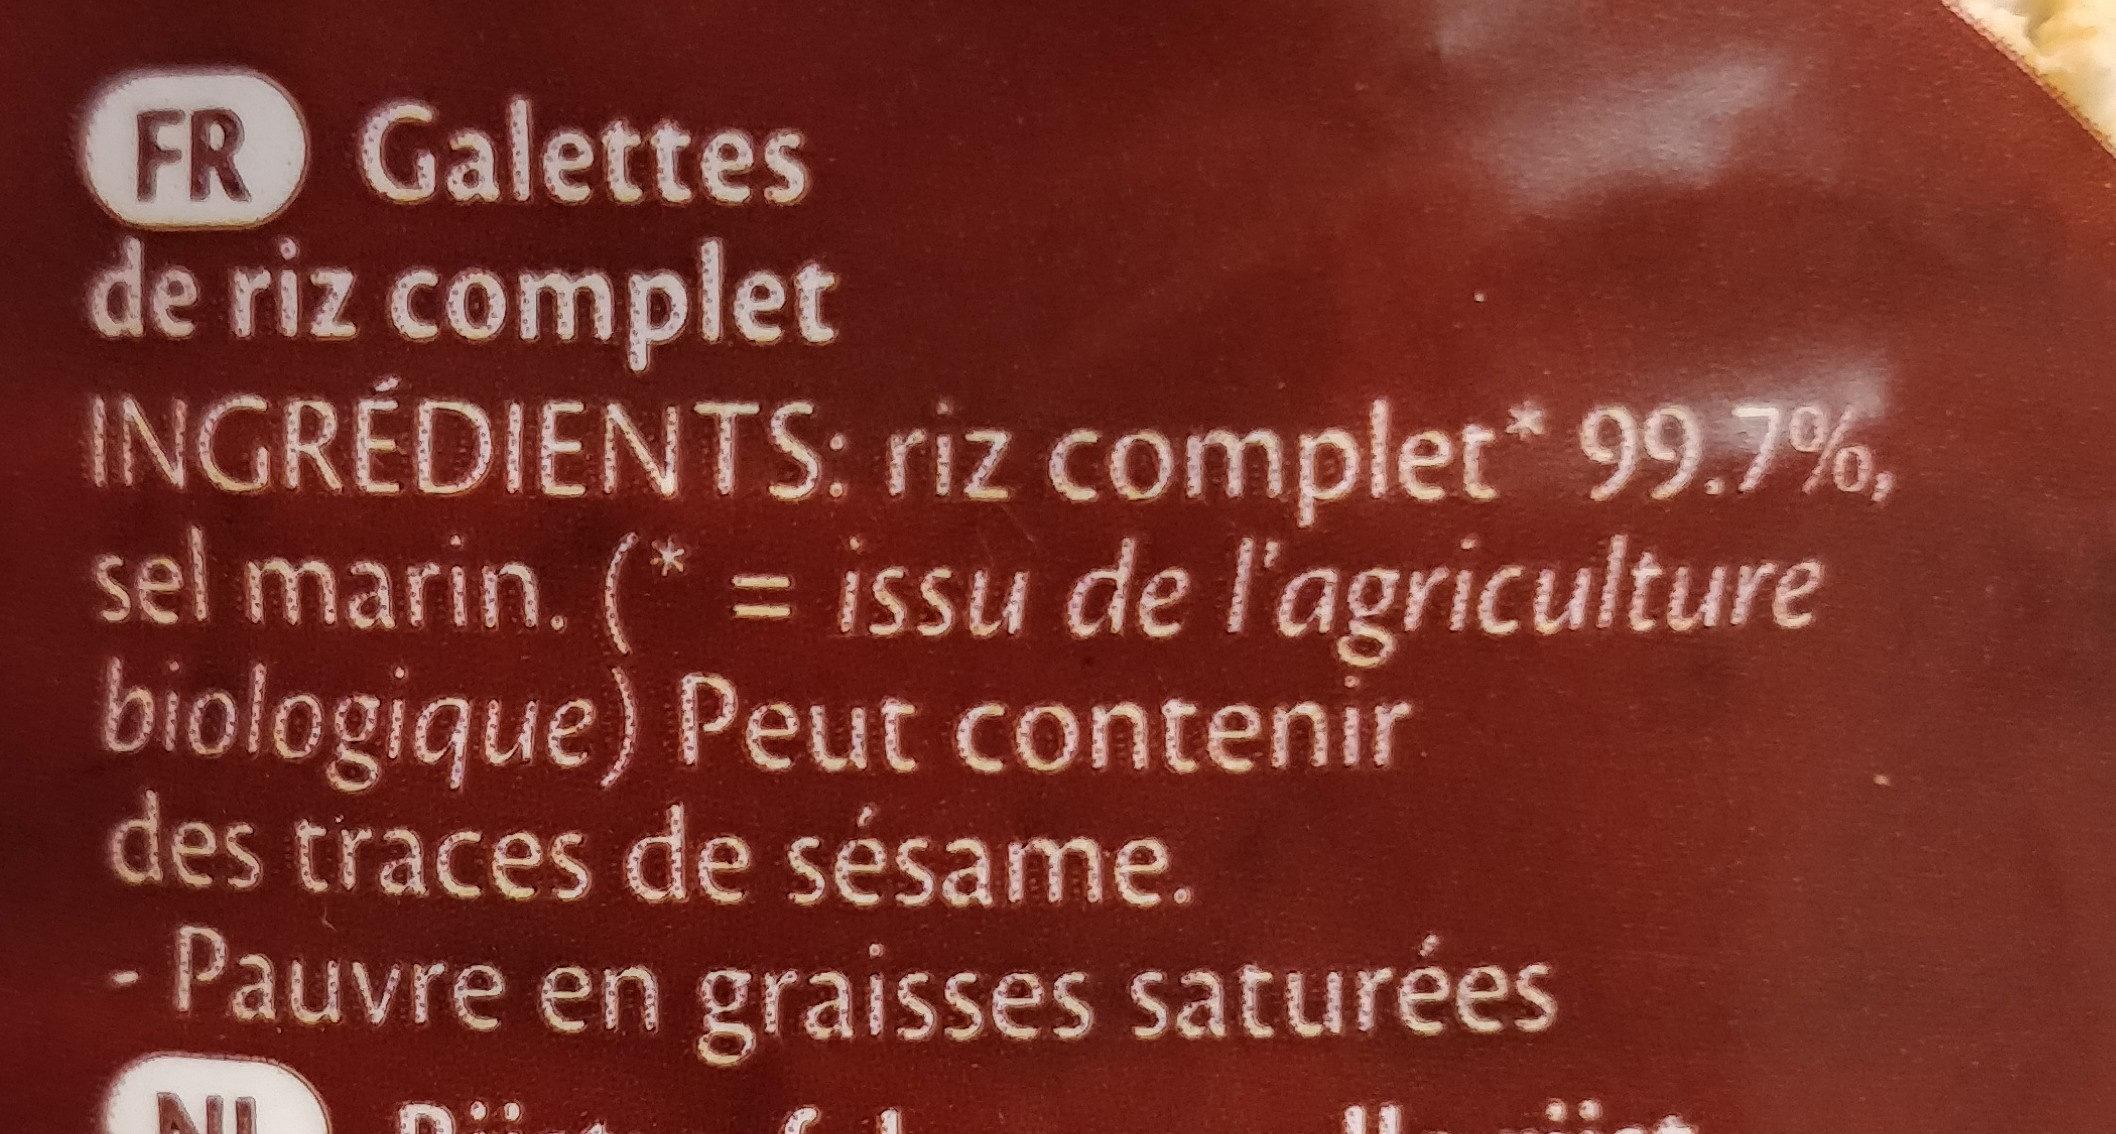 Galettes de riz complet - Ingrédients - fr